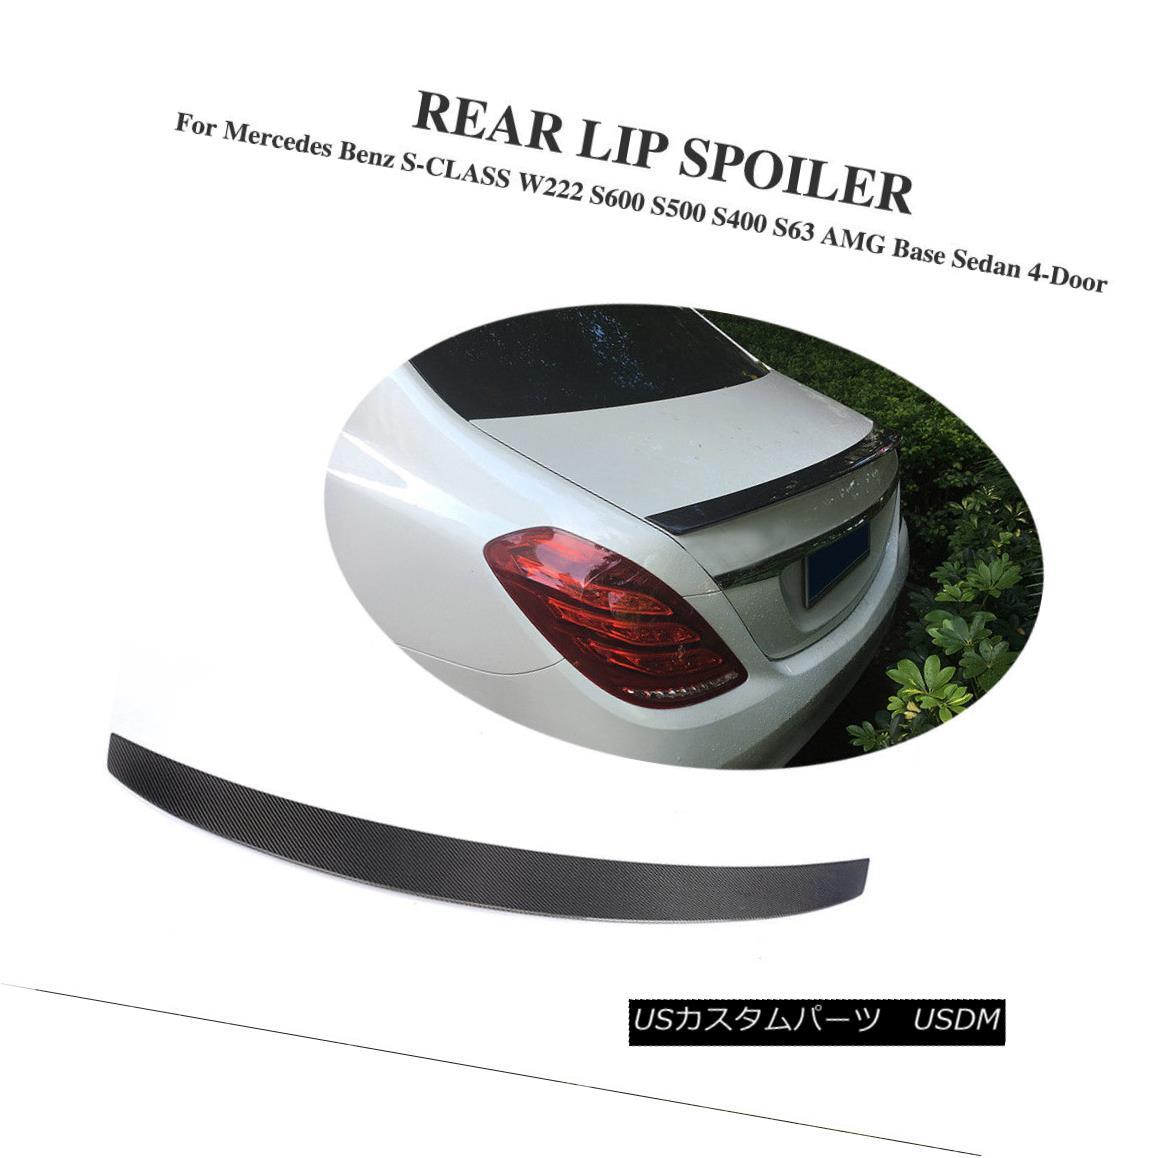 エアロパーツ Carbon Rear Trunk Spoiler Wing Fit for Mercedes Benz S-CLASS W222 S600 S63 AMG メルセデス・ベンツS-CLASS W222 S600 S63 AMG用カーボン・リア・トランク・スポイラー・ウィング・フィット